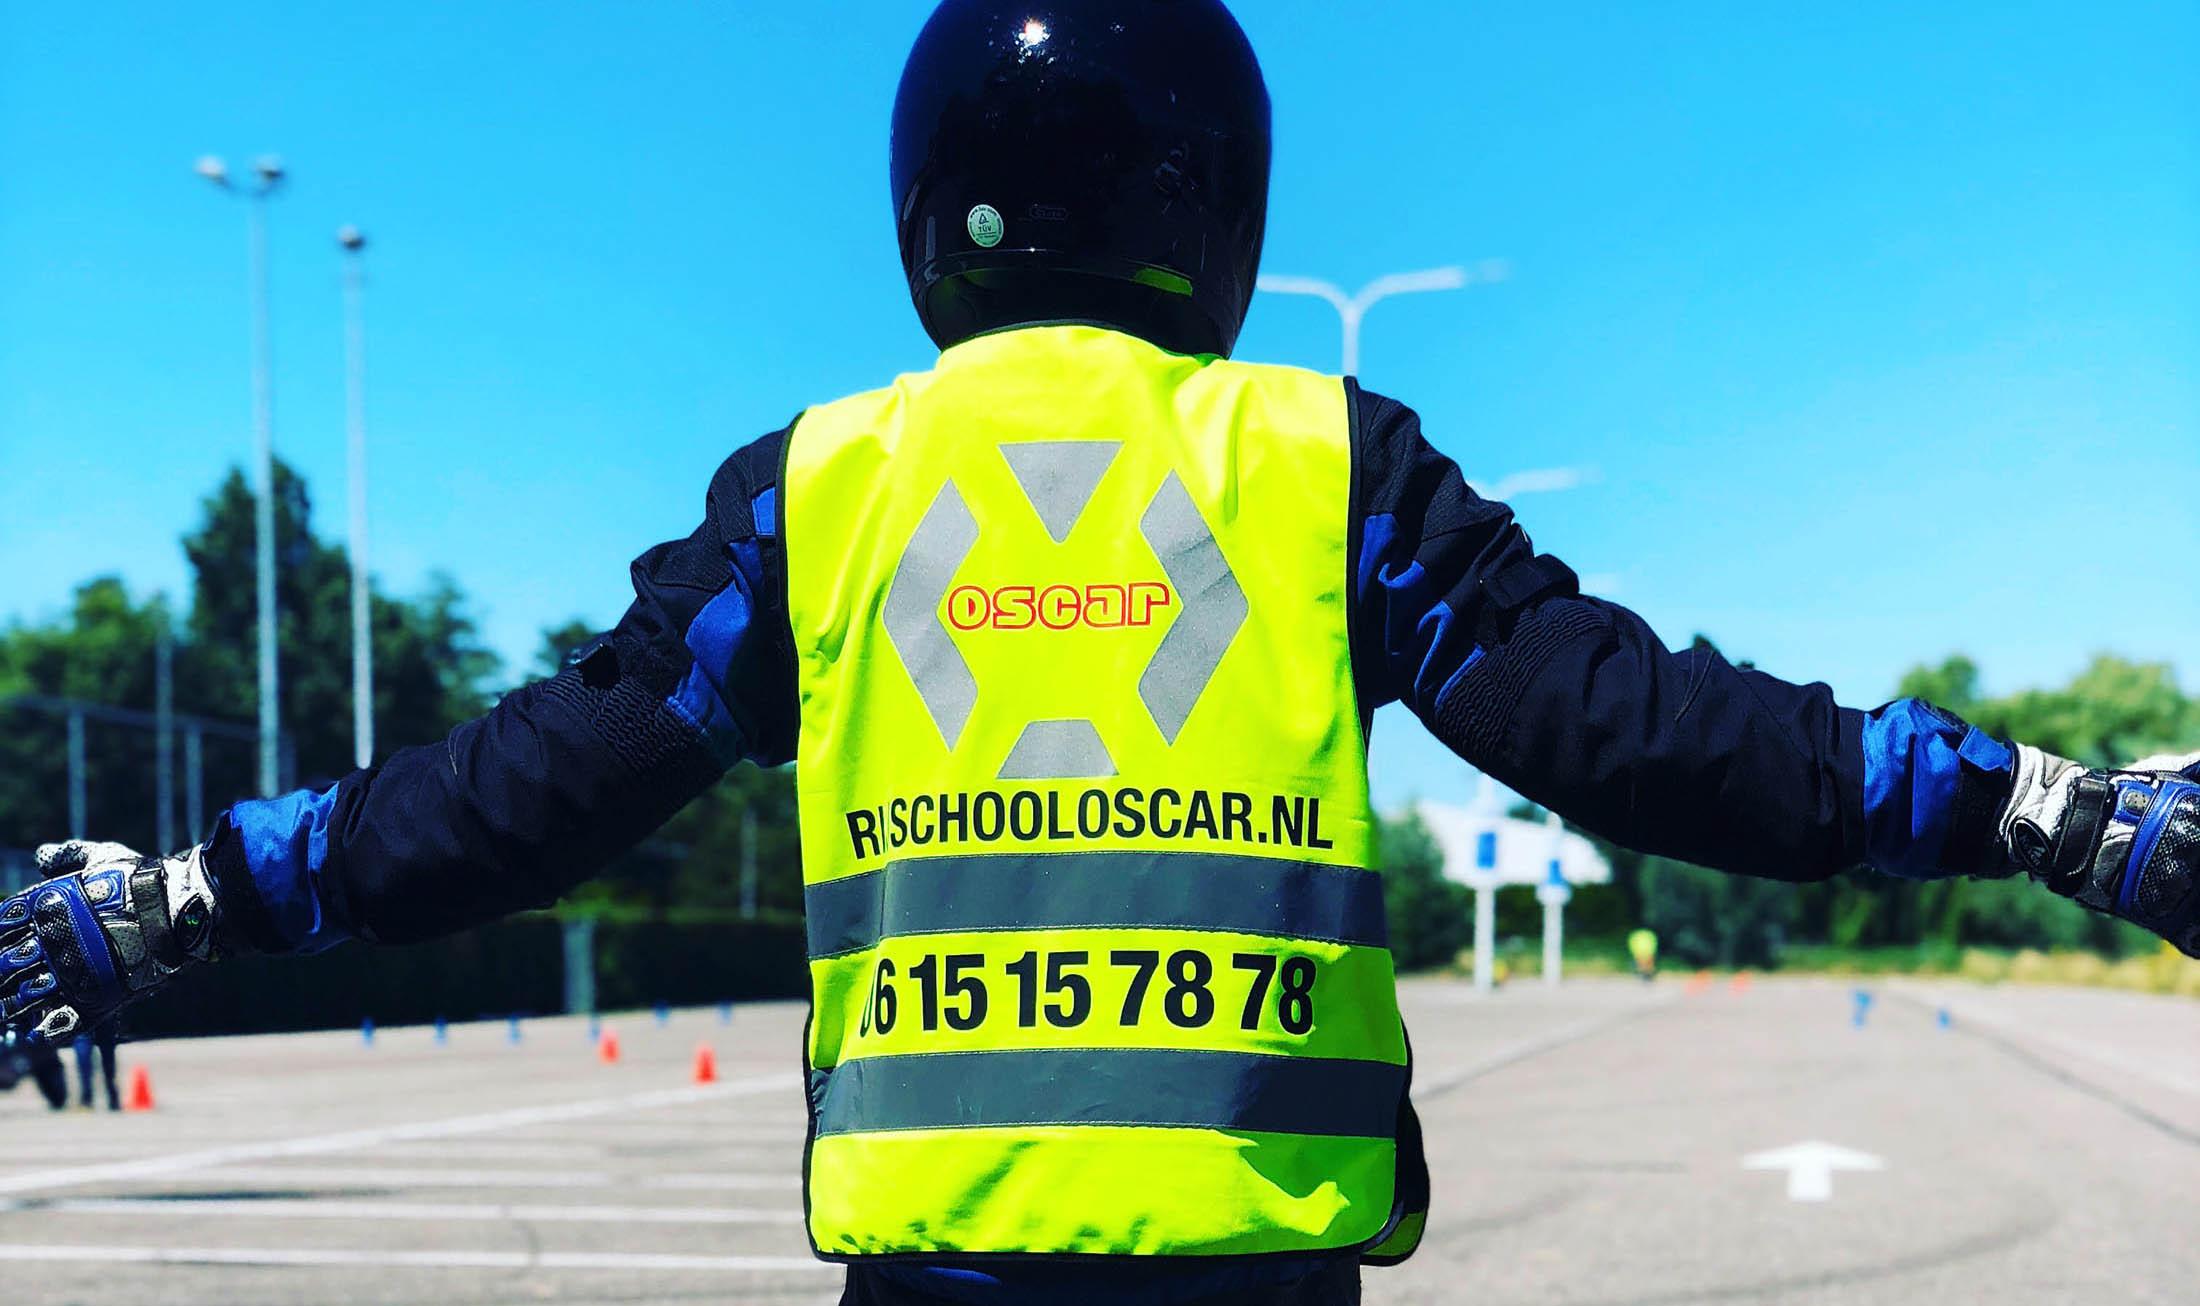 rijschool oscar Zoetermeer